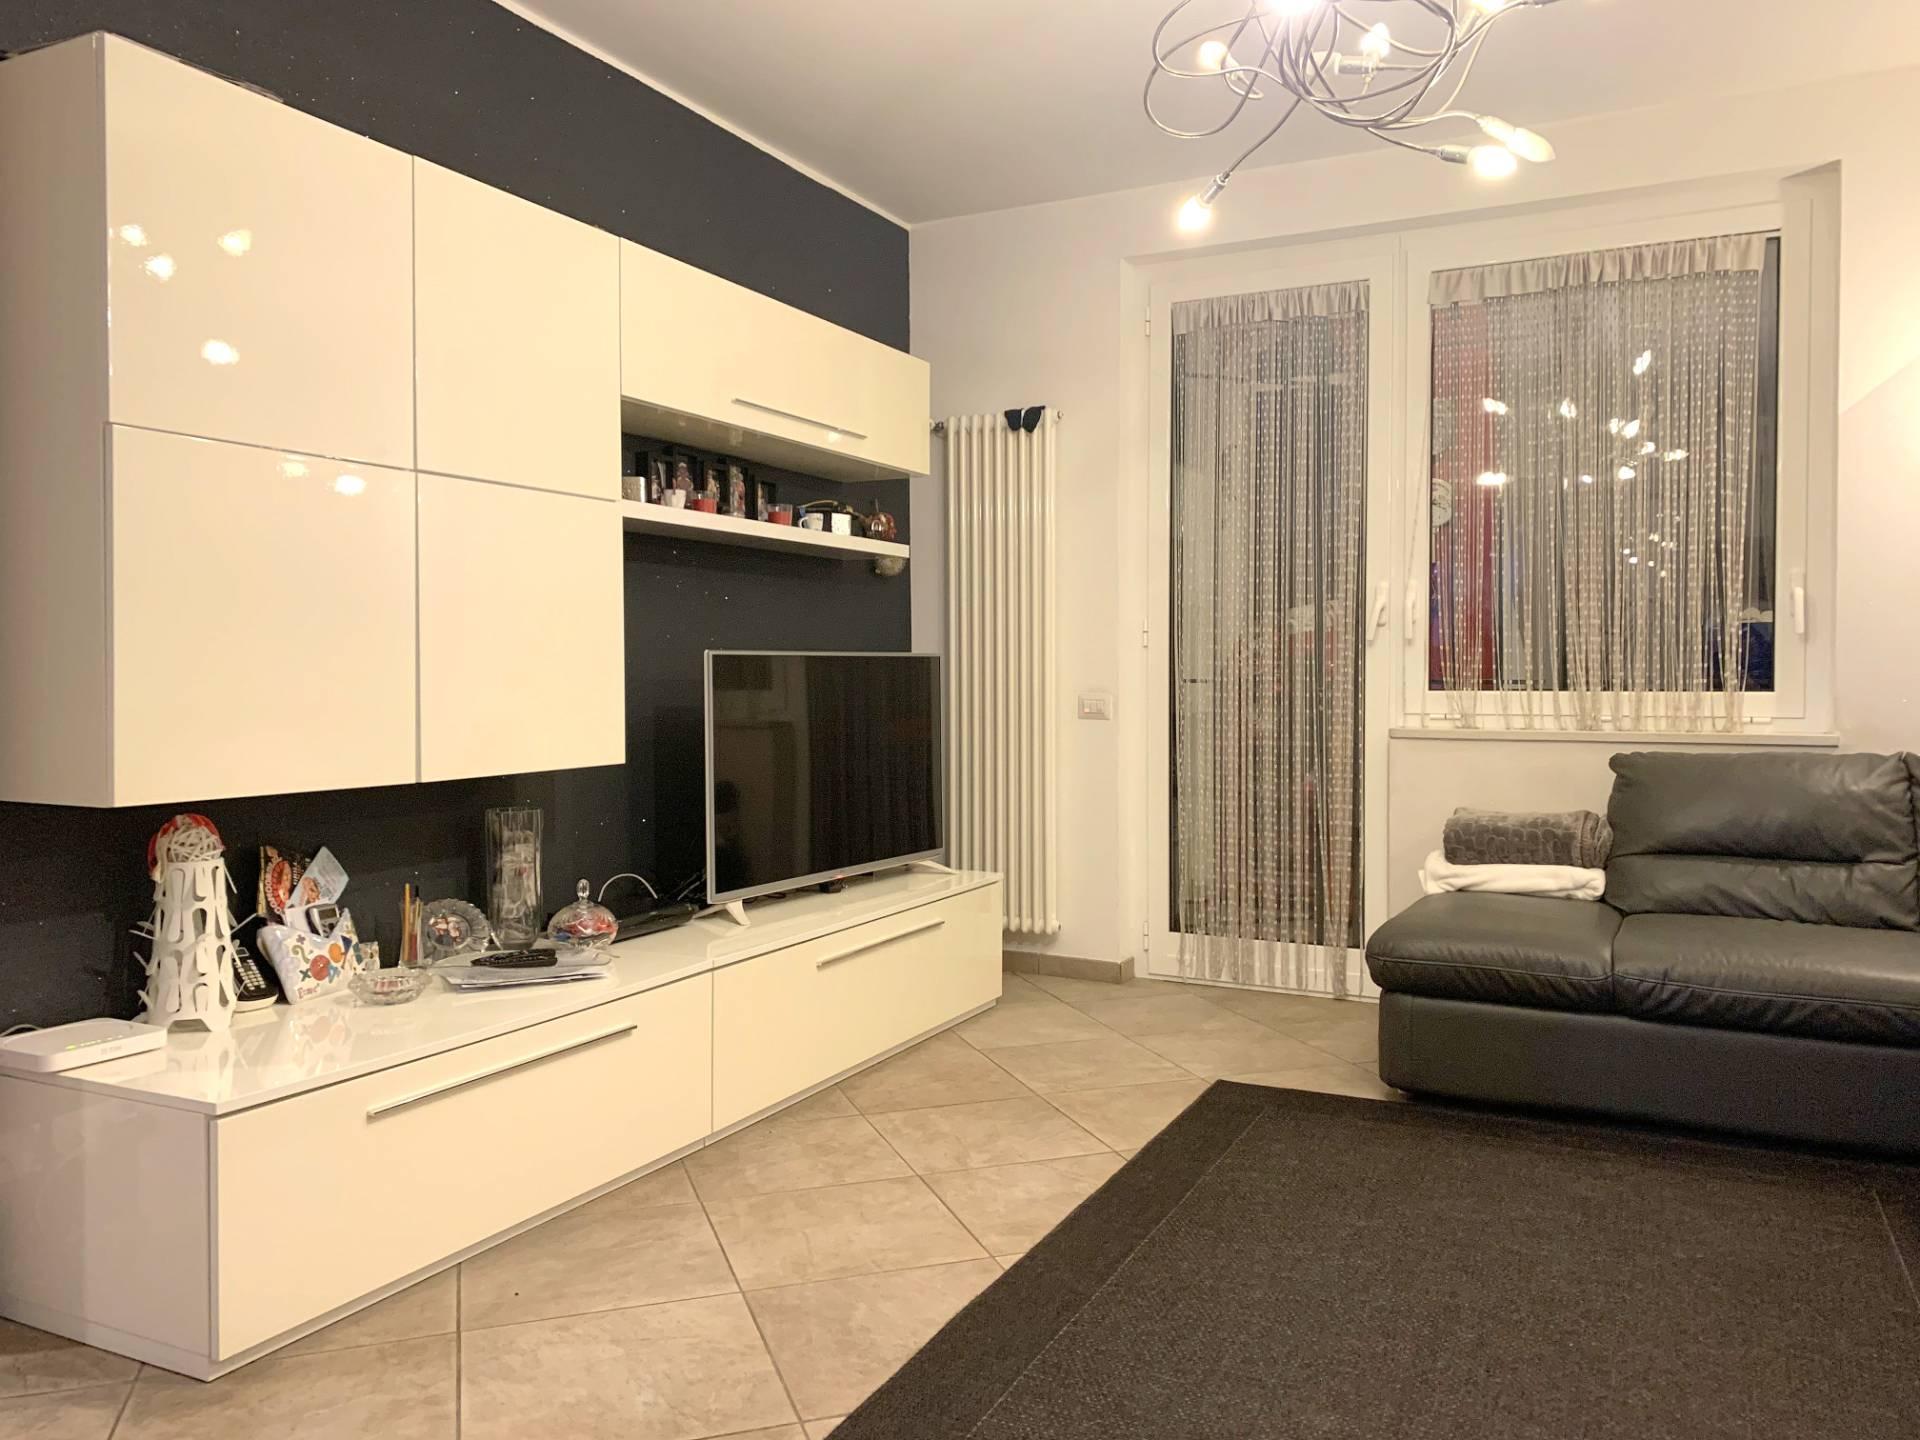 Appartamento in vendita a Albissola Marina, 7 locali, prezzo € 350.000   PortaleAgenzieImmobiliari.it